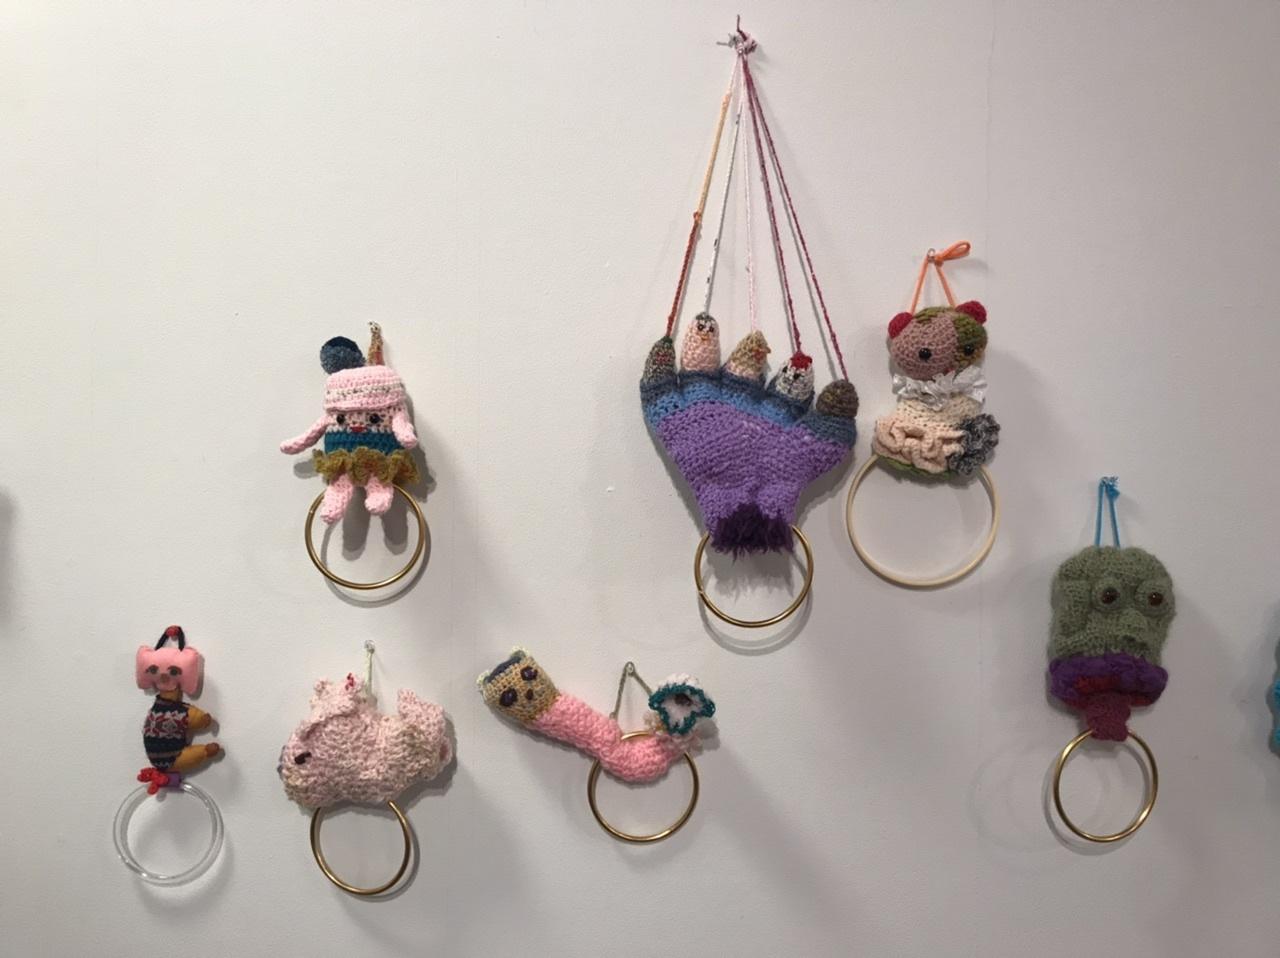 @KCUAギャラリー「おかんアートと現代アートをいっしょに展示する企画展」_f0189227_20000677.jpeg